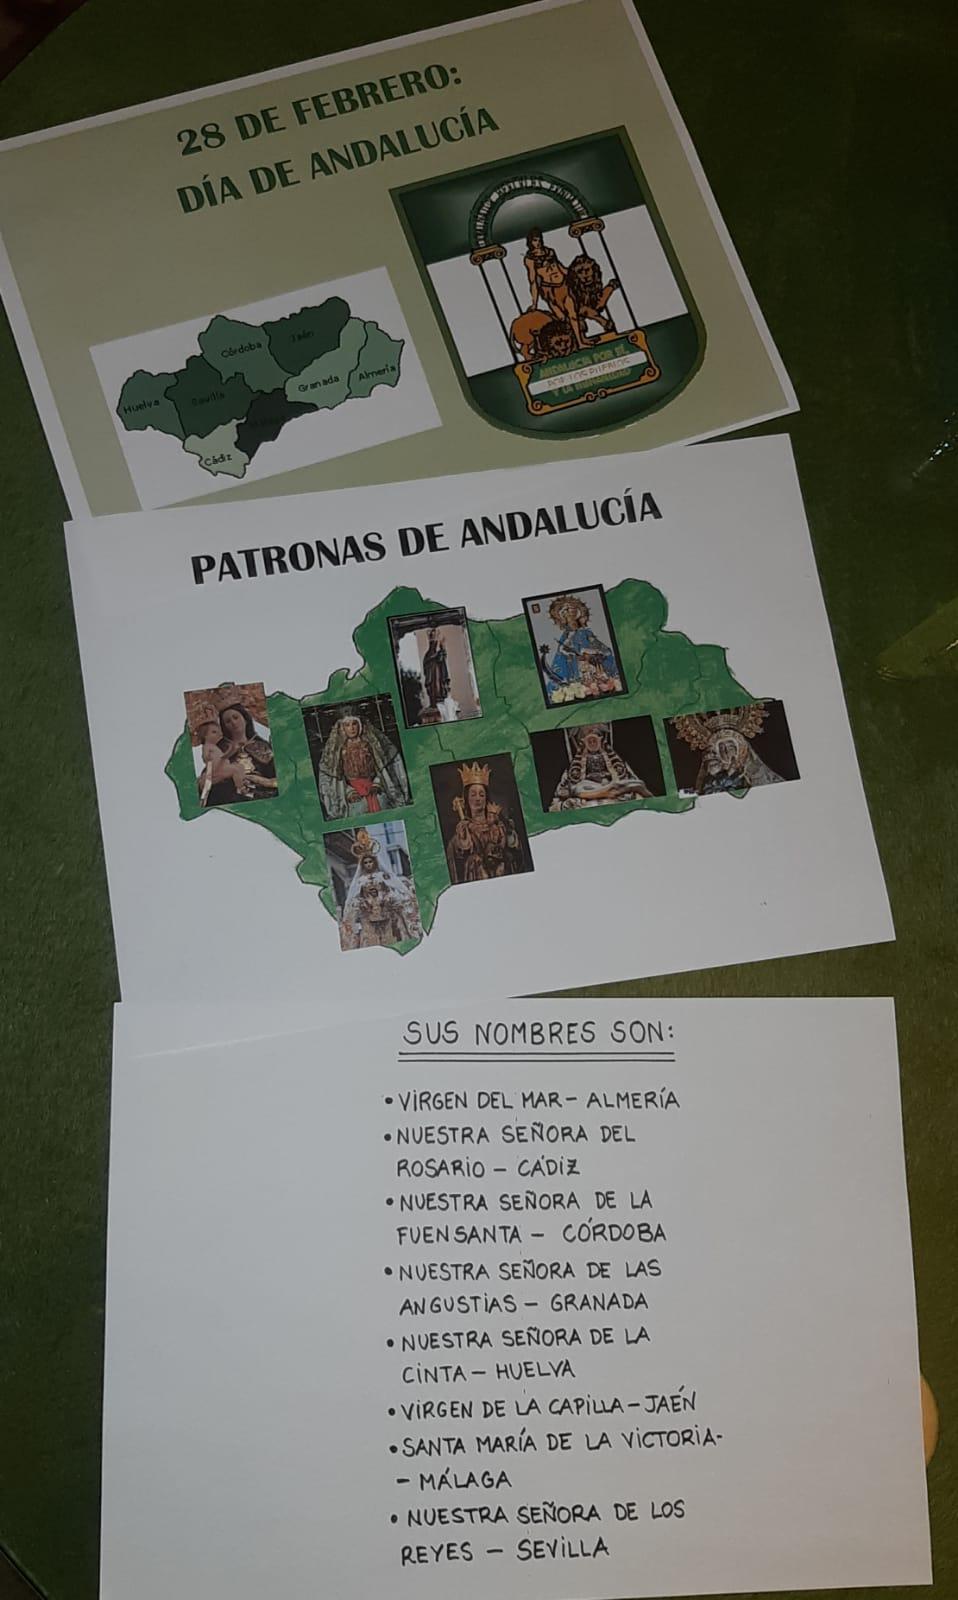 Patronas de Andalucia